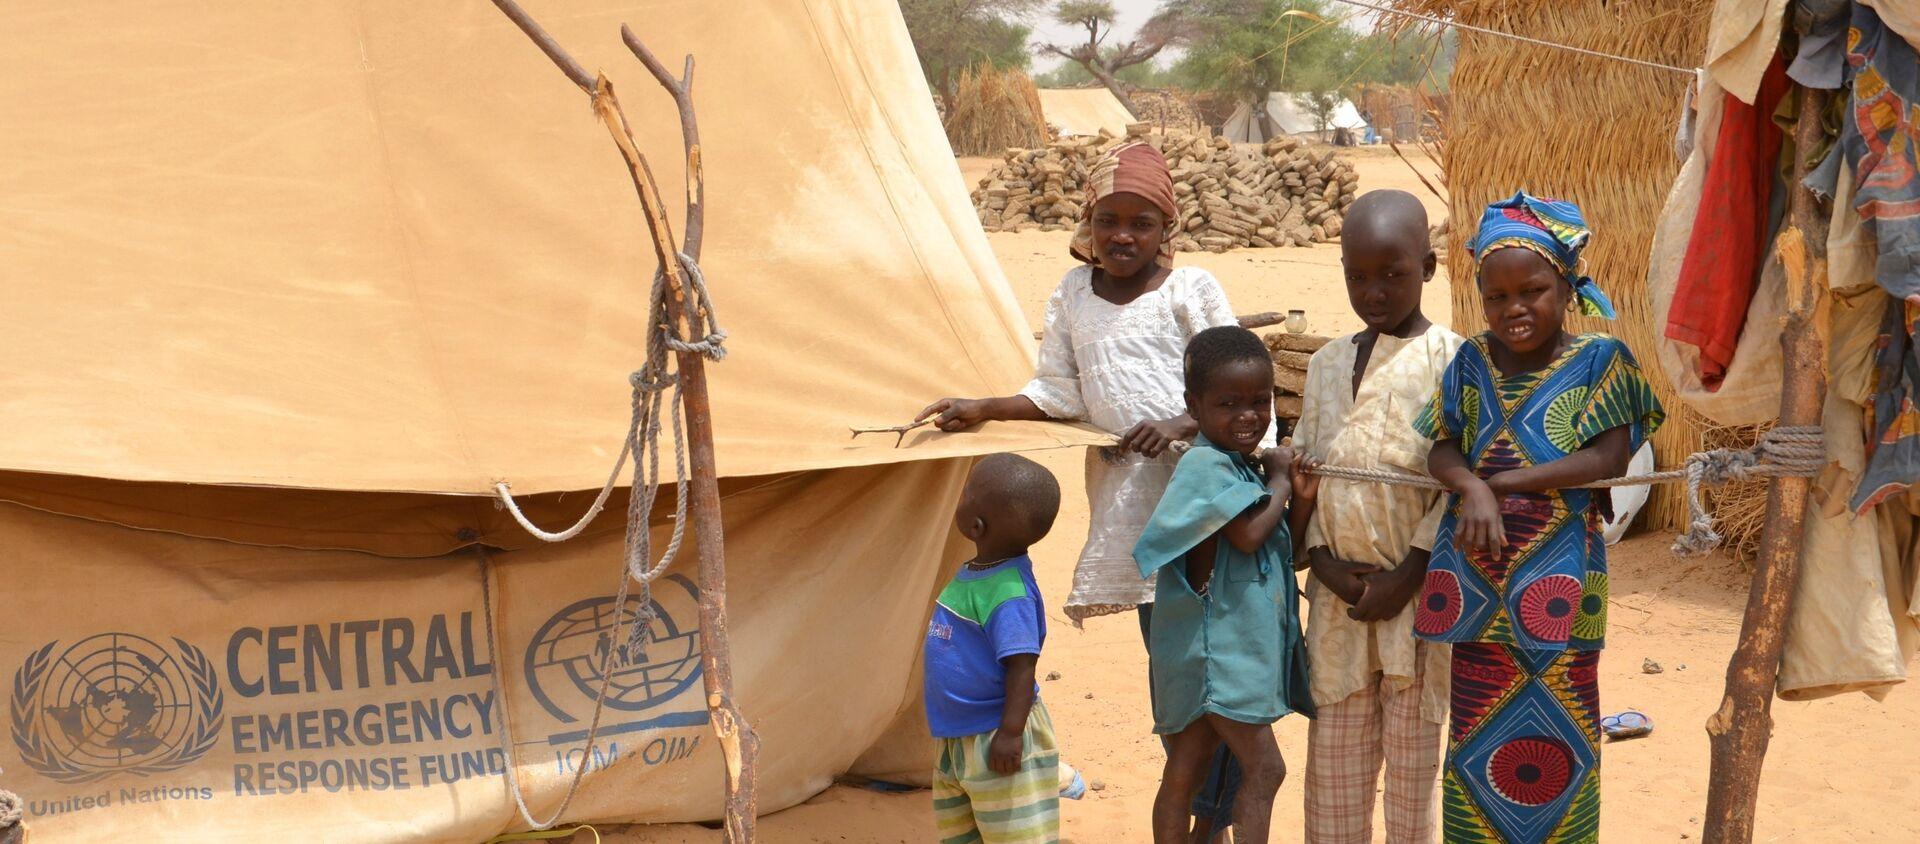 Un camp de réfugiés au Niger - Sputnik France, 1920, 12.01.2021